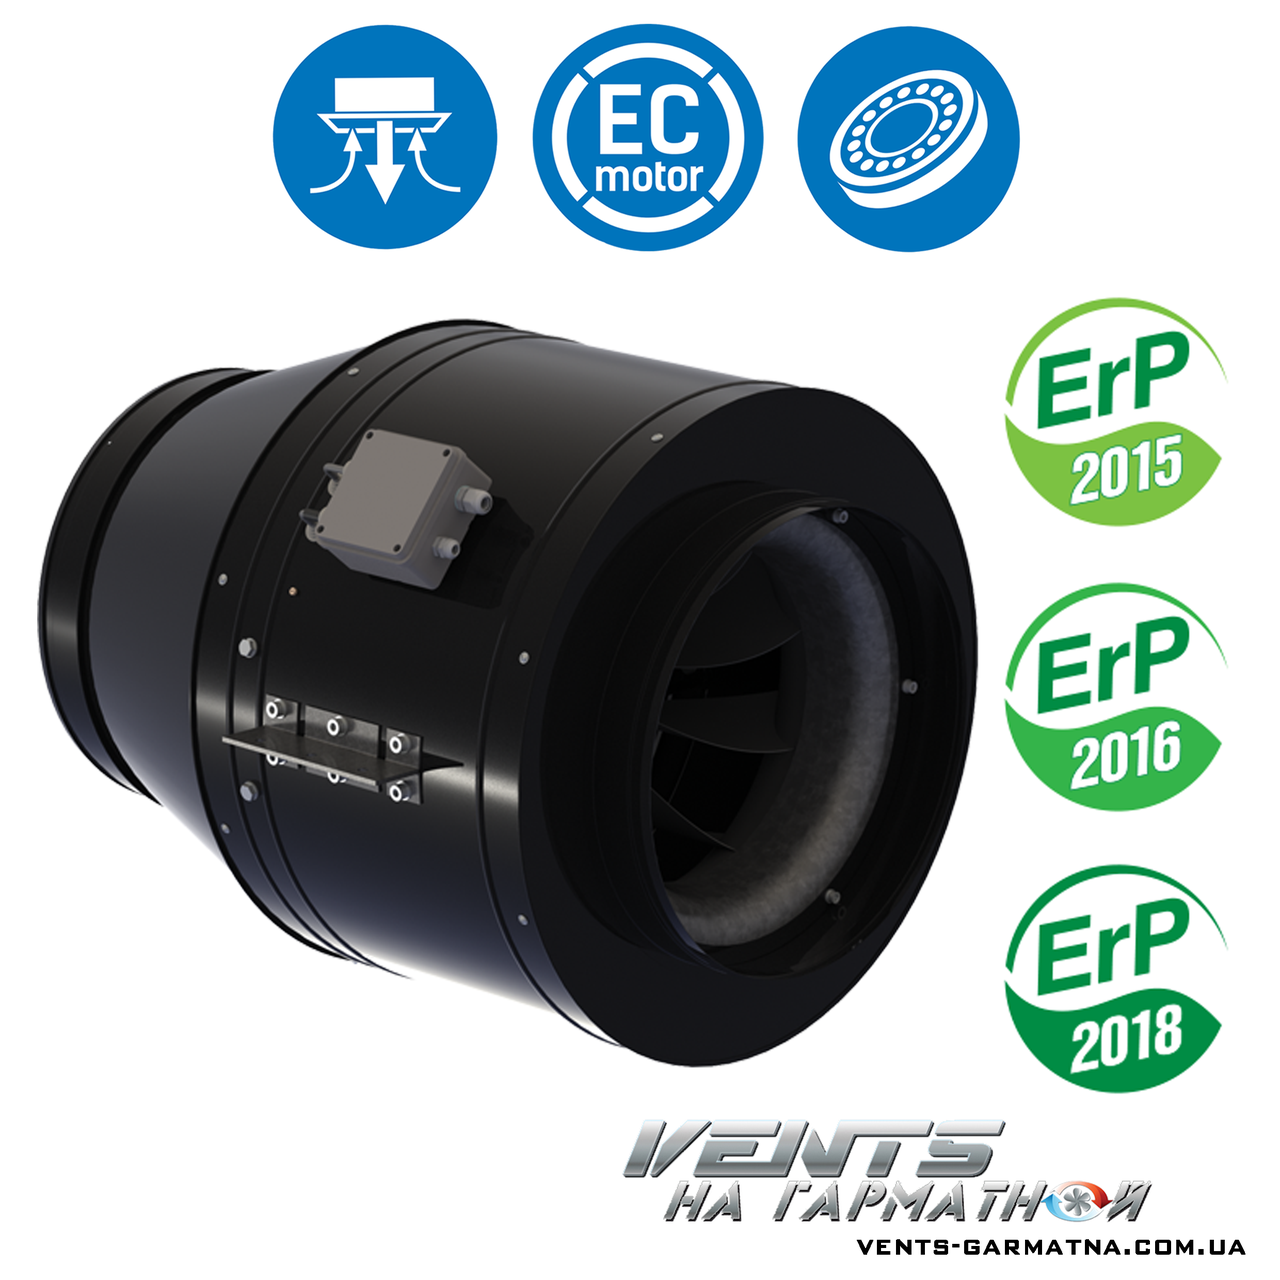 Вентс ТТ-МД 450-3 ЕС. Канальный вентилятор с ЕС-мотором